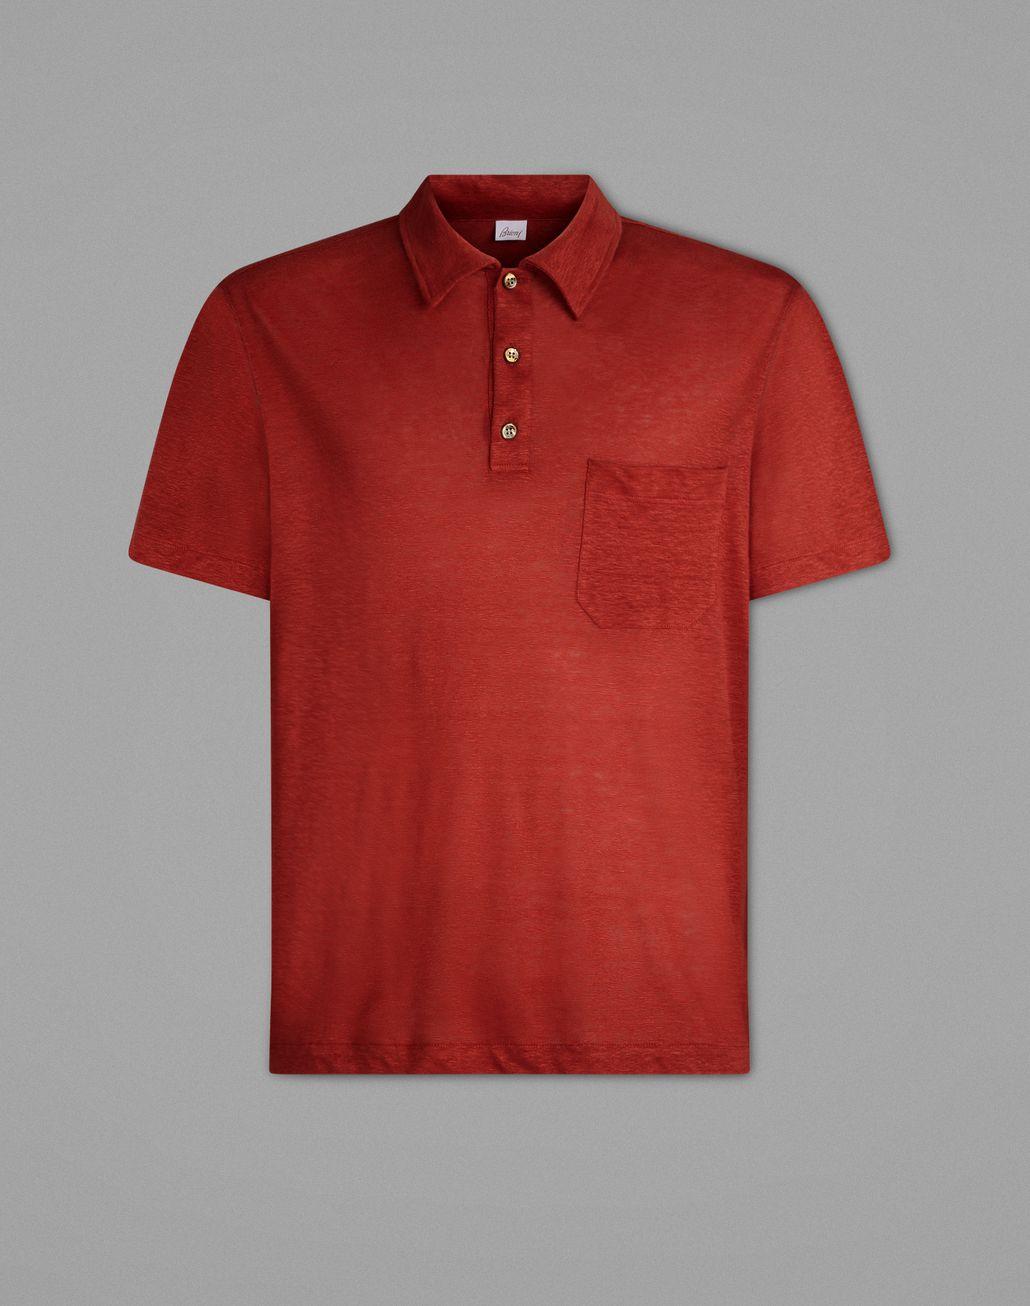 BRIONI Red Polo Shirt T-Shirts & Polos Man f